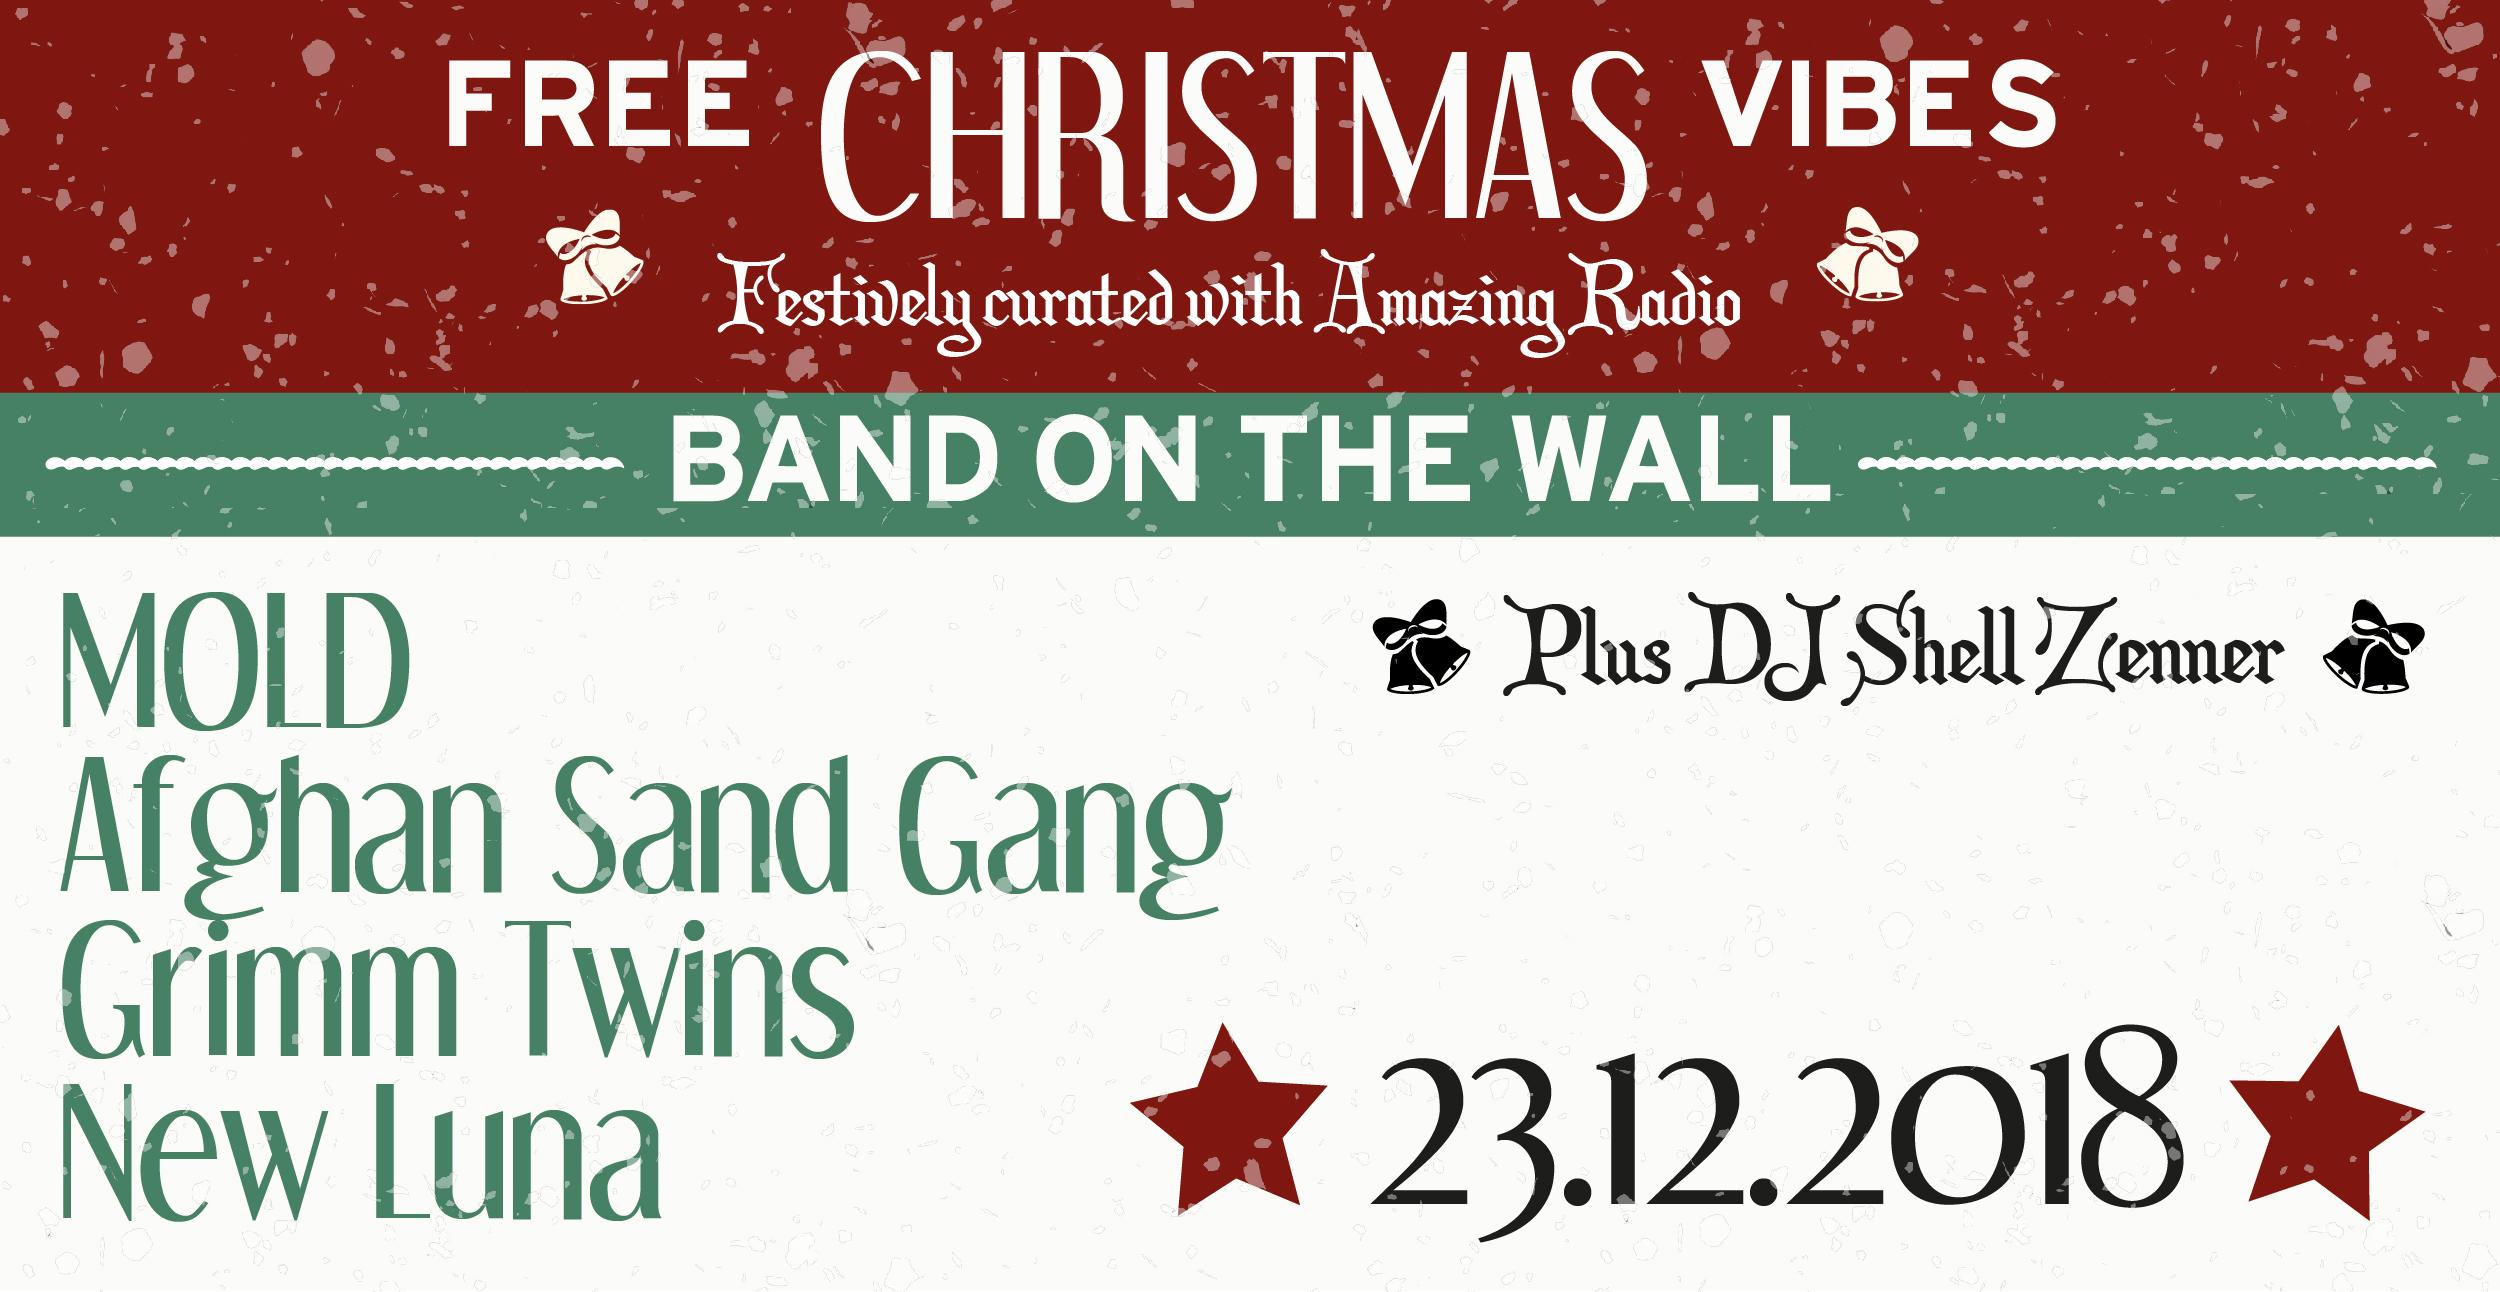 Free Christmas Radio.Free Christmas Vibes X Amazing Radio Mold Afghan Sand